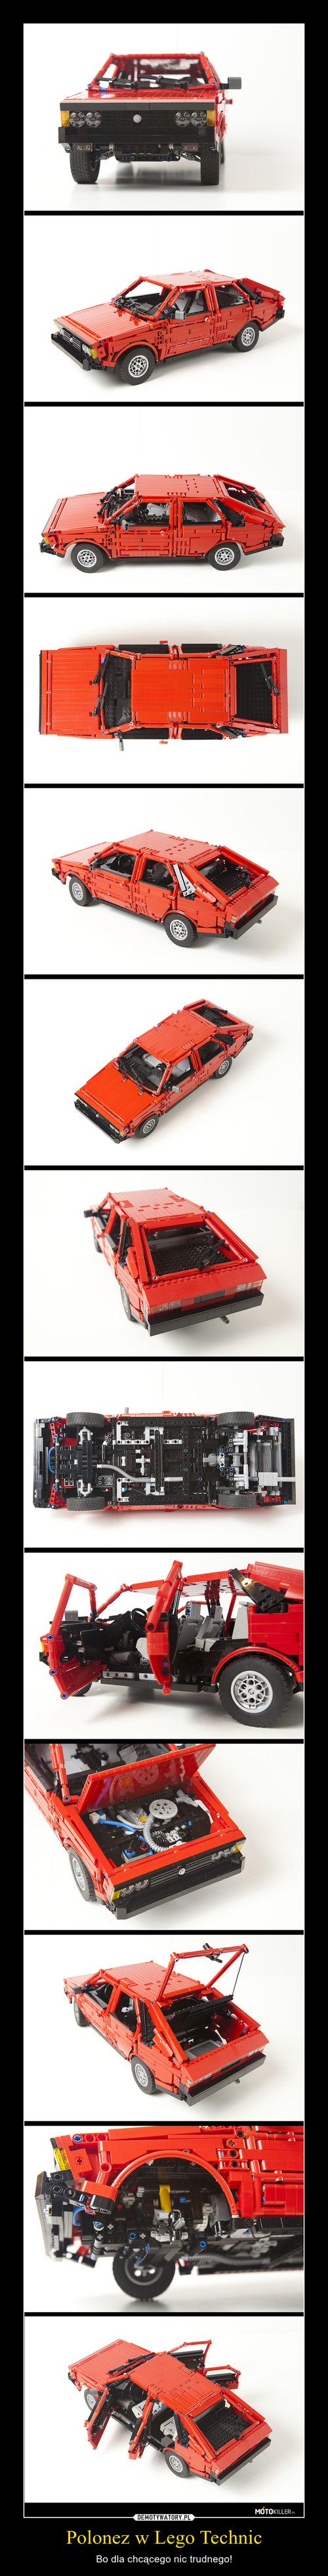 Polonez w Lego Technic